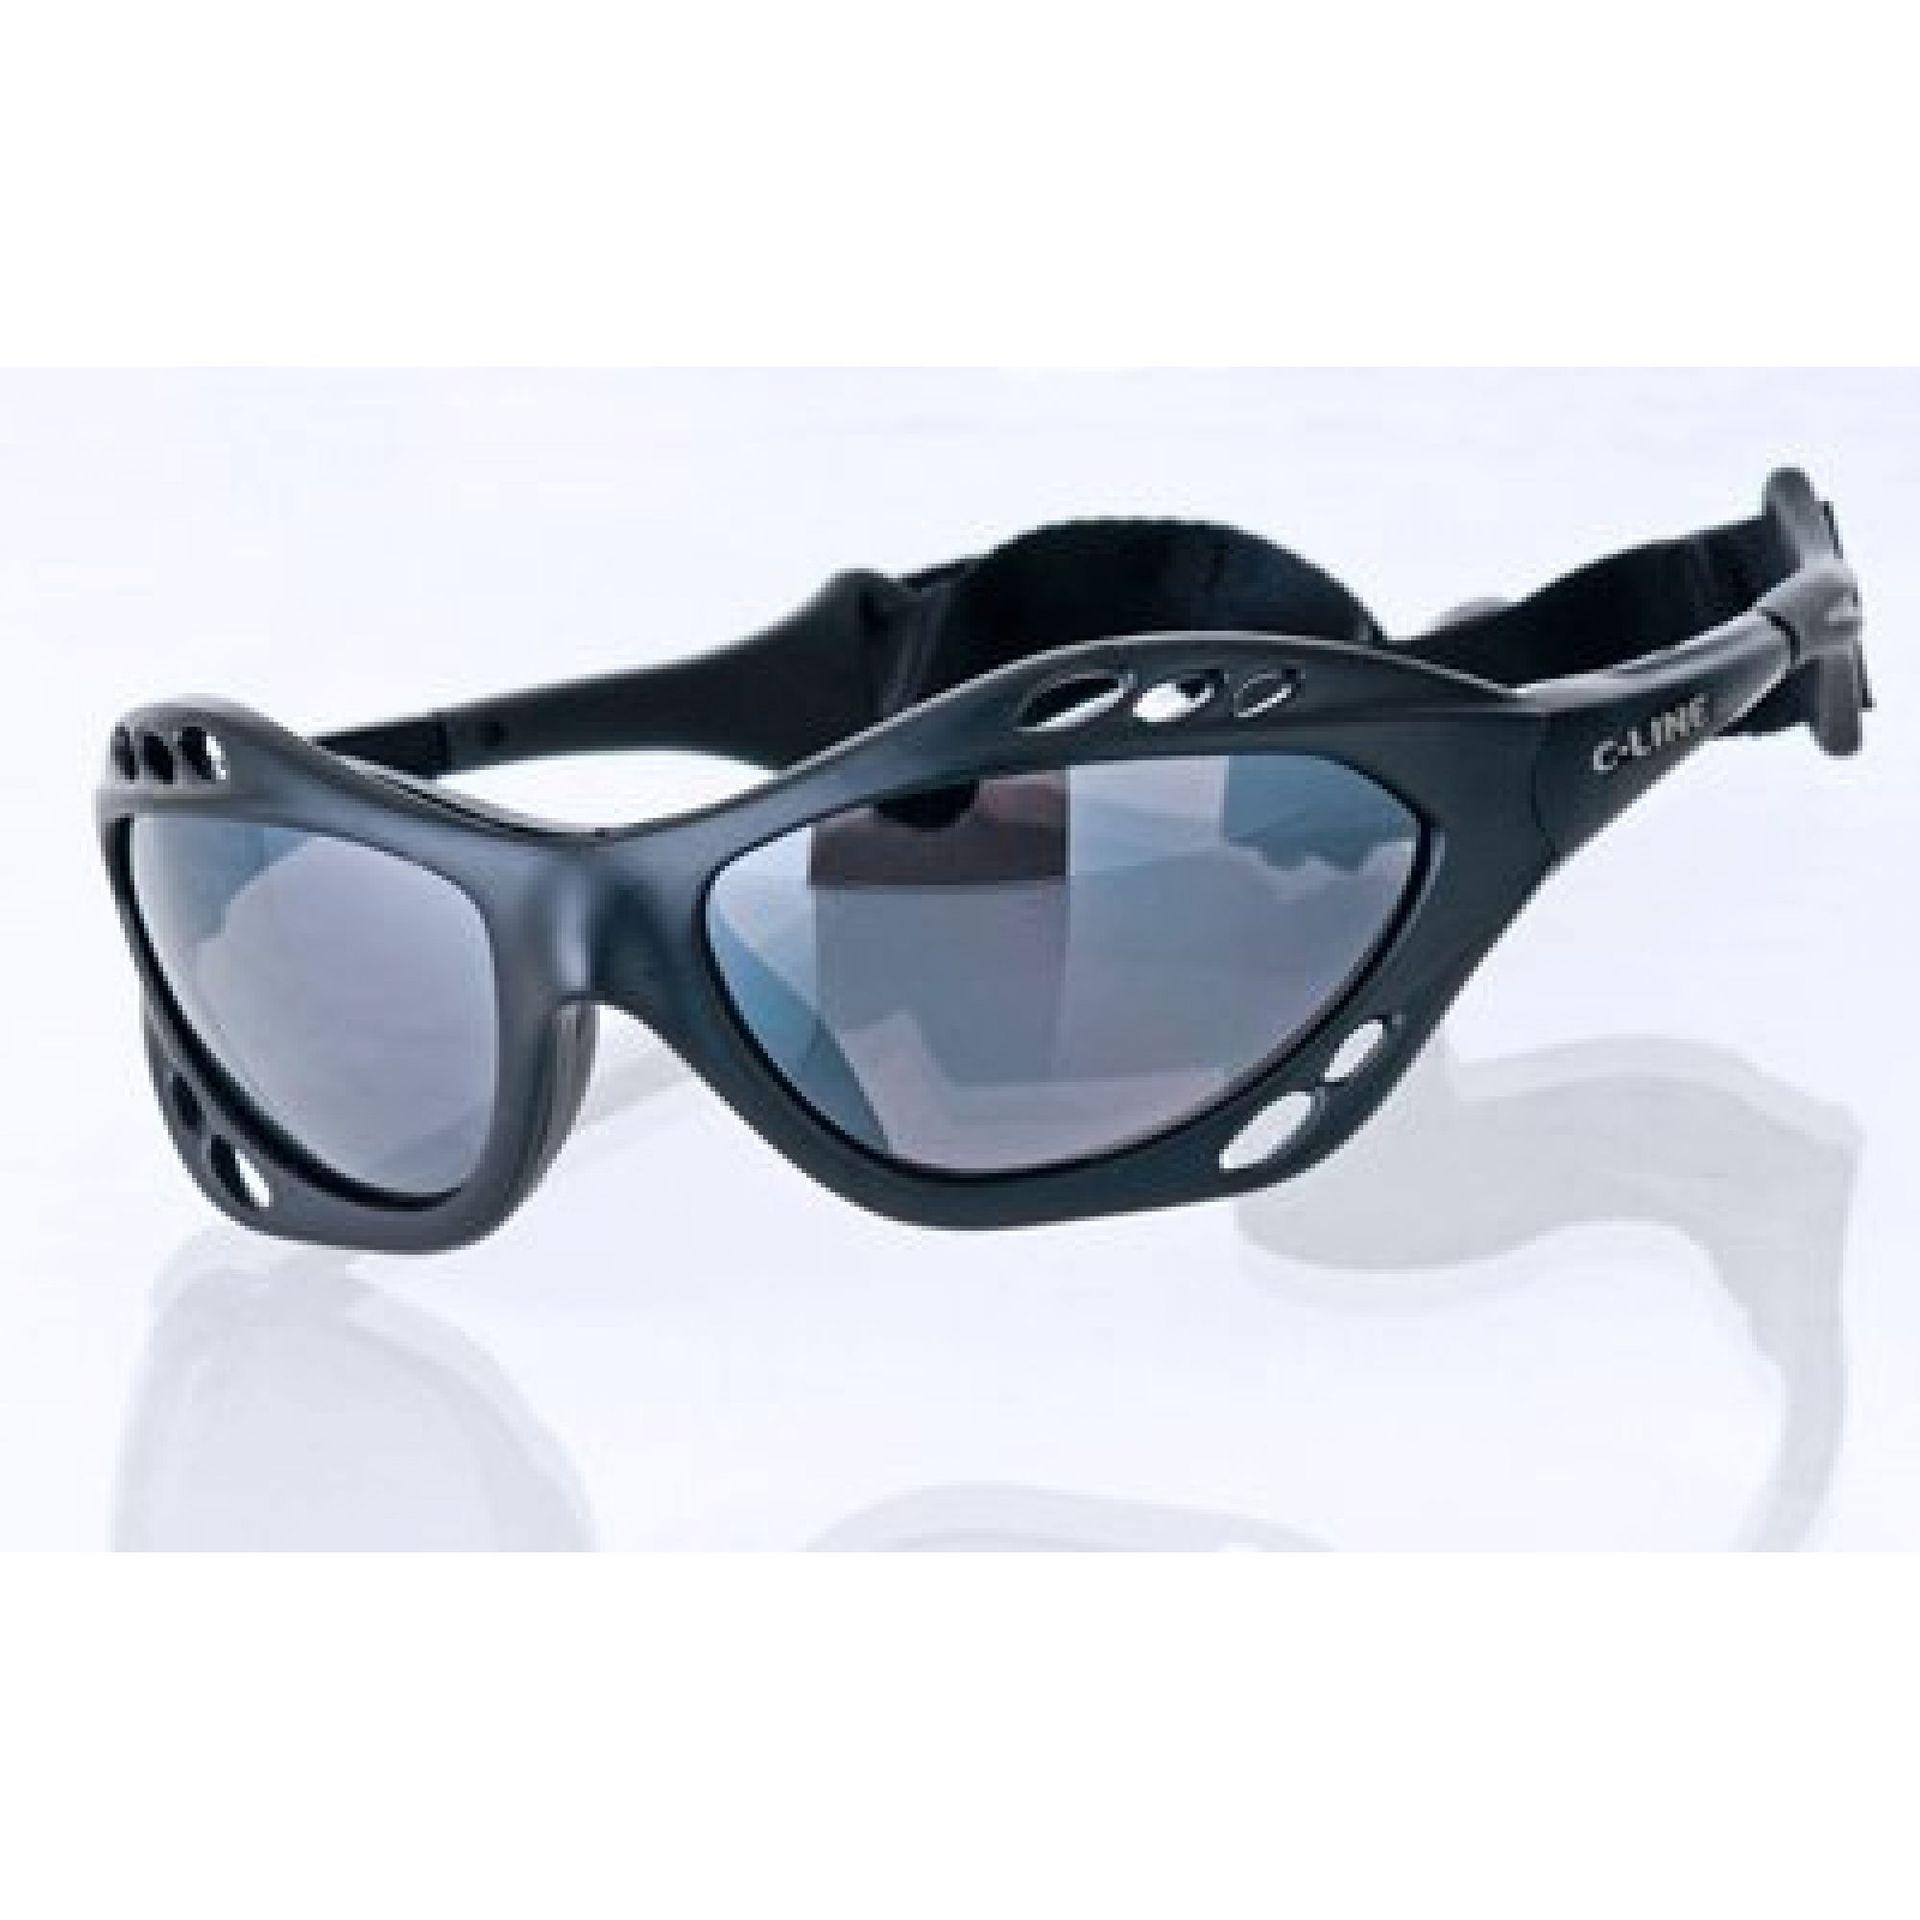 Okulary C-LINE Classic czarne